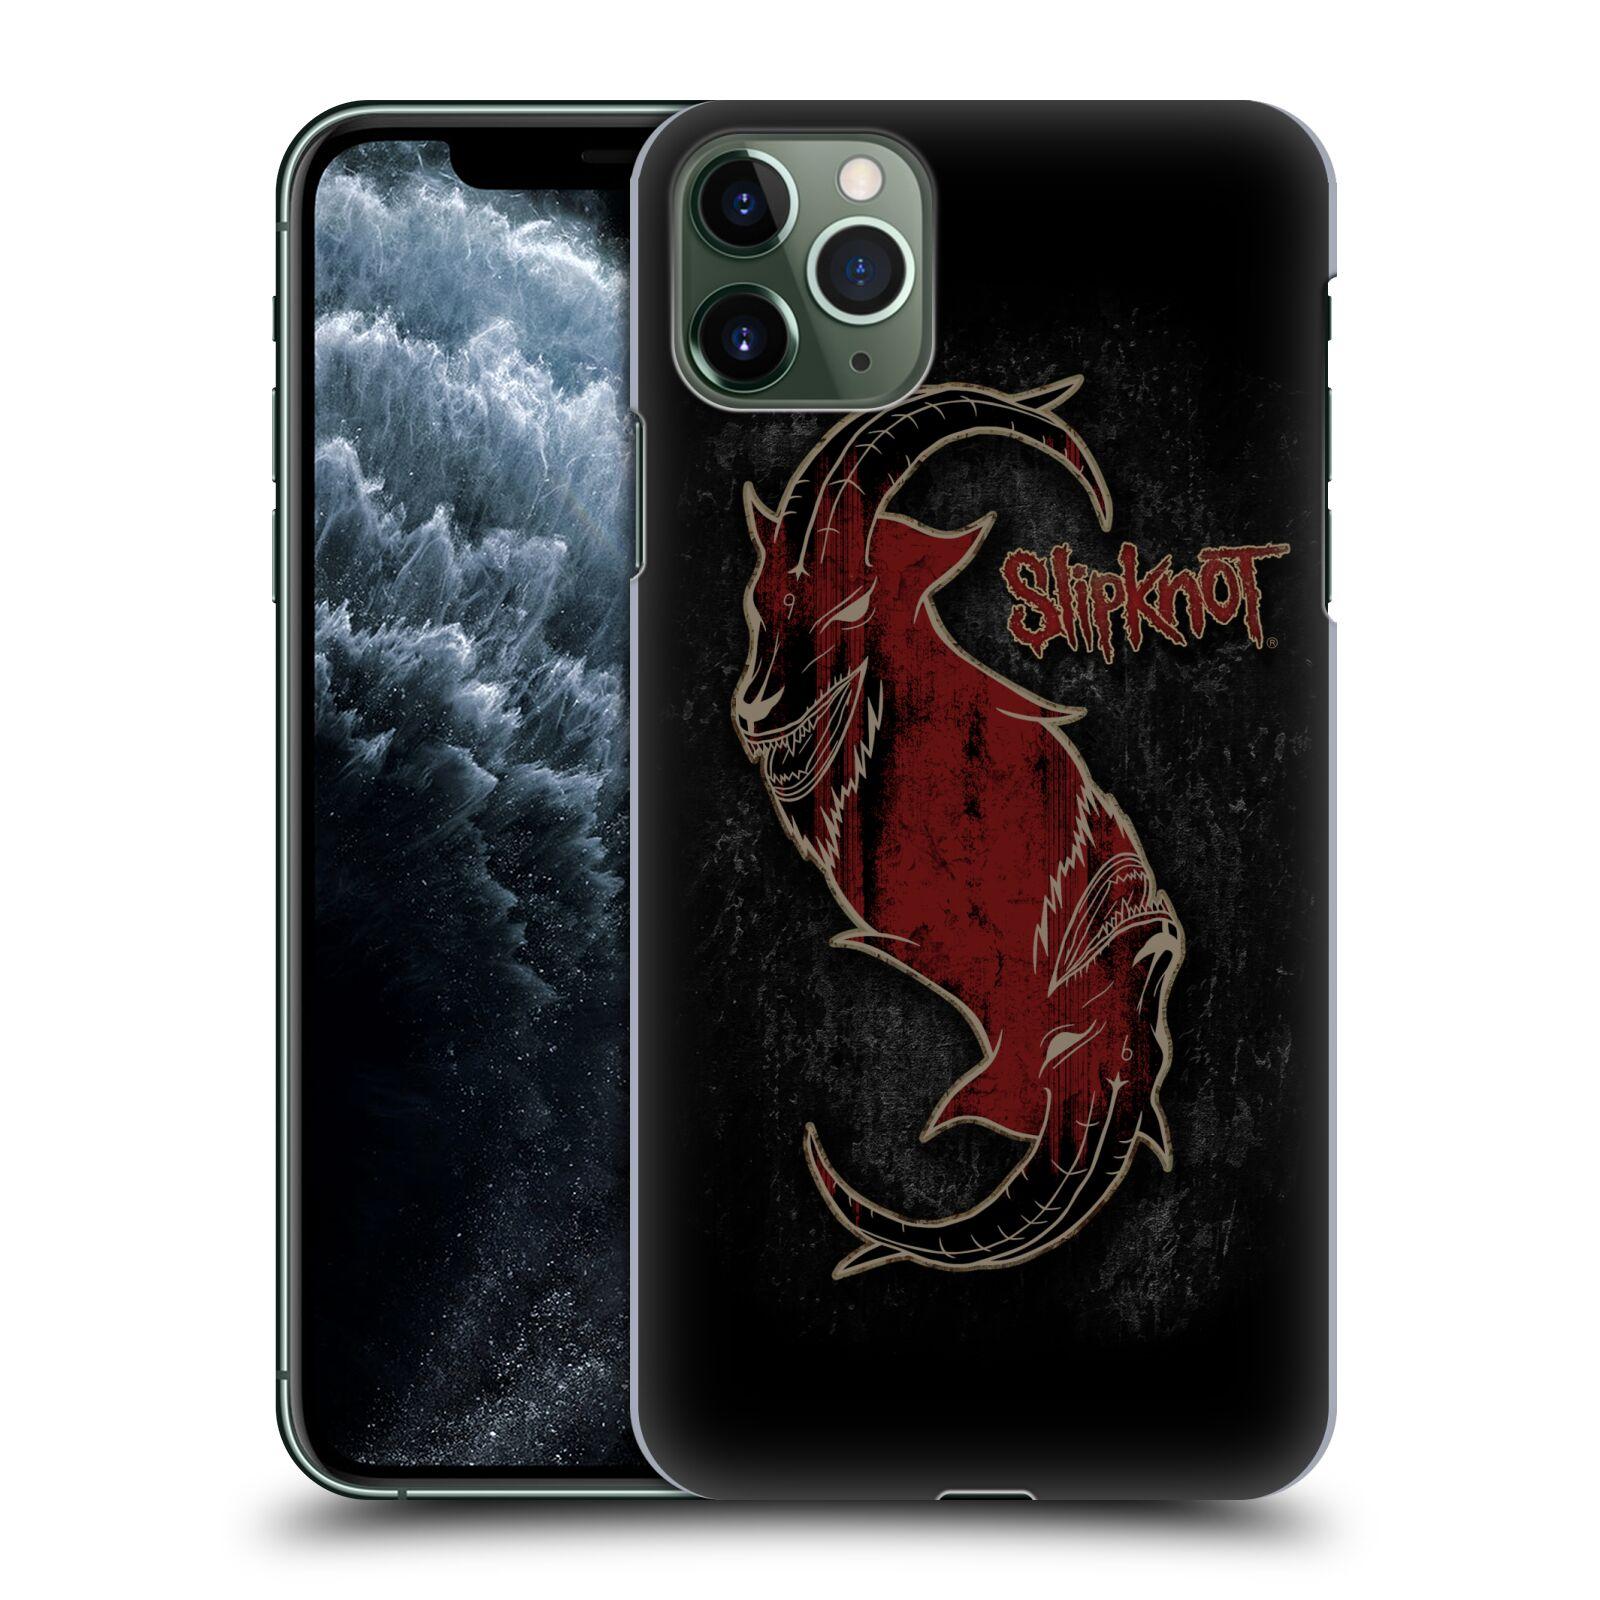 Plastové pouzdro na mobil Apple iPhone 11 Pro Max - Head Case - Slipknot - Rudý kozel